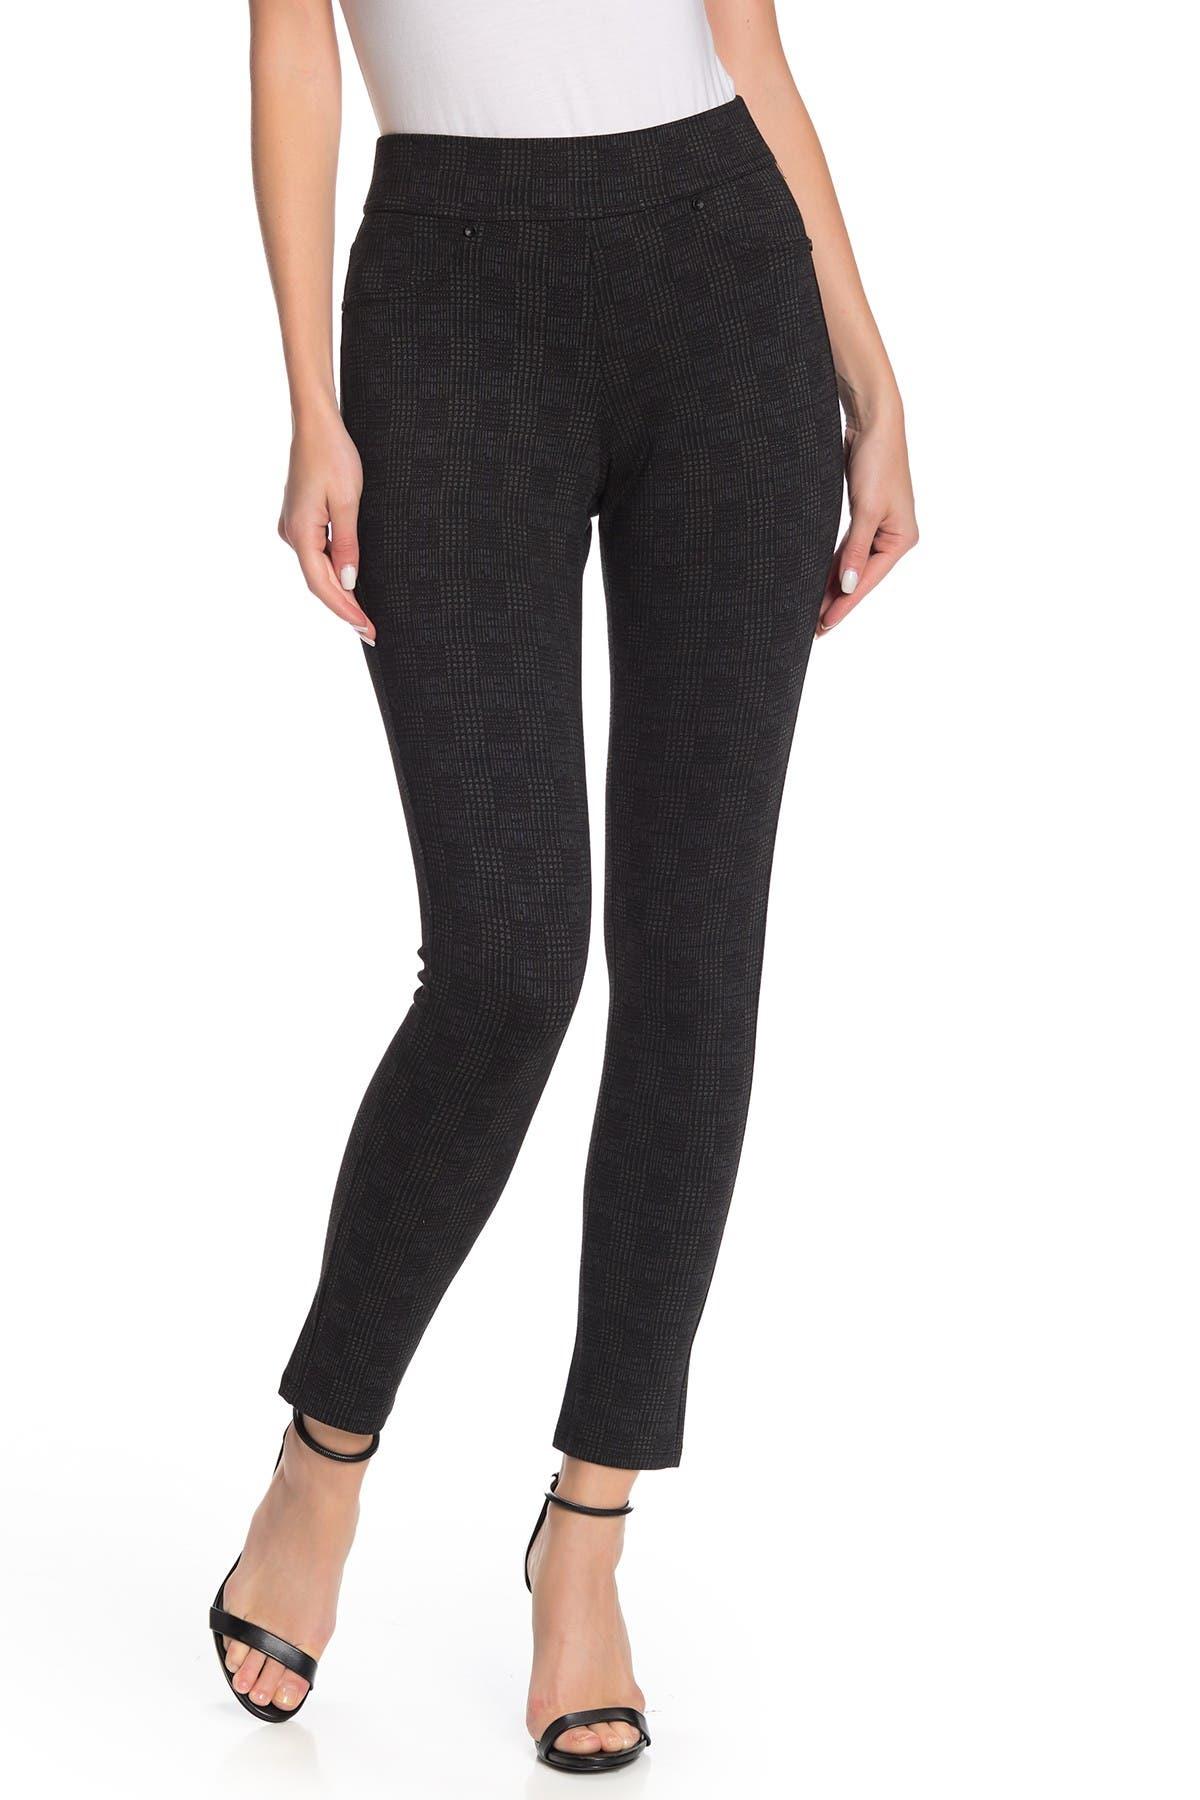 Image of JAG Jeans Marla Glen Plaid Leggings